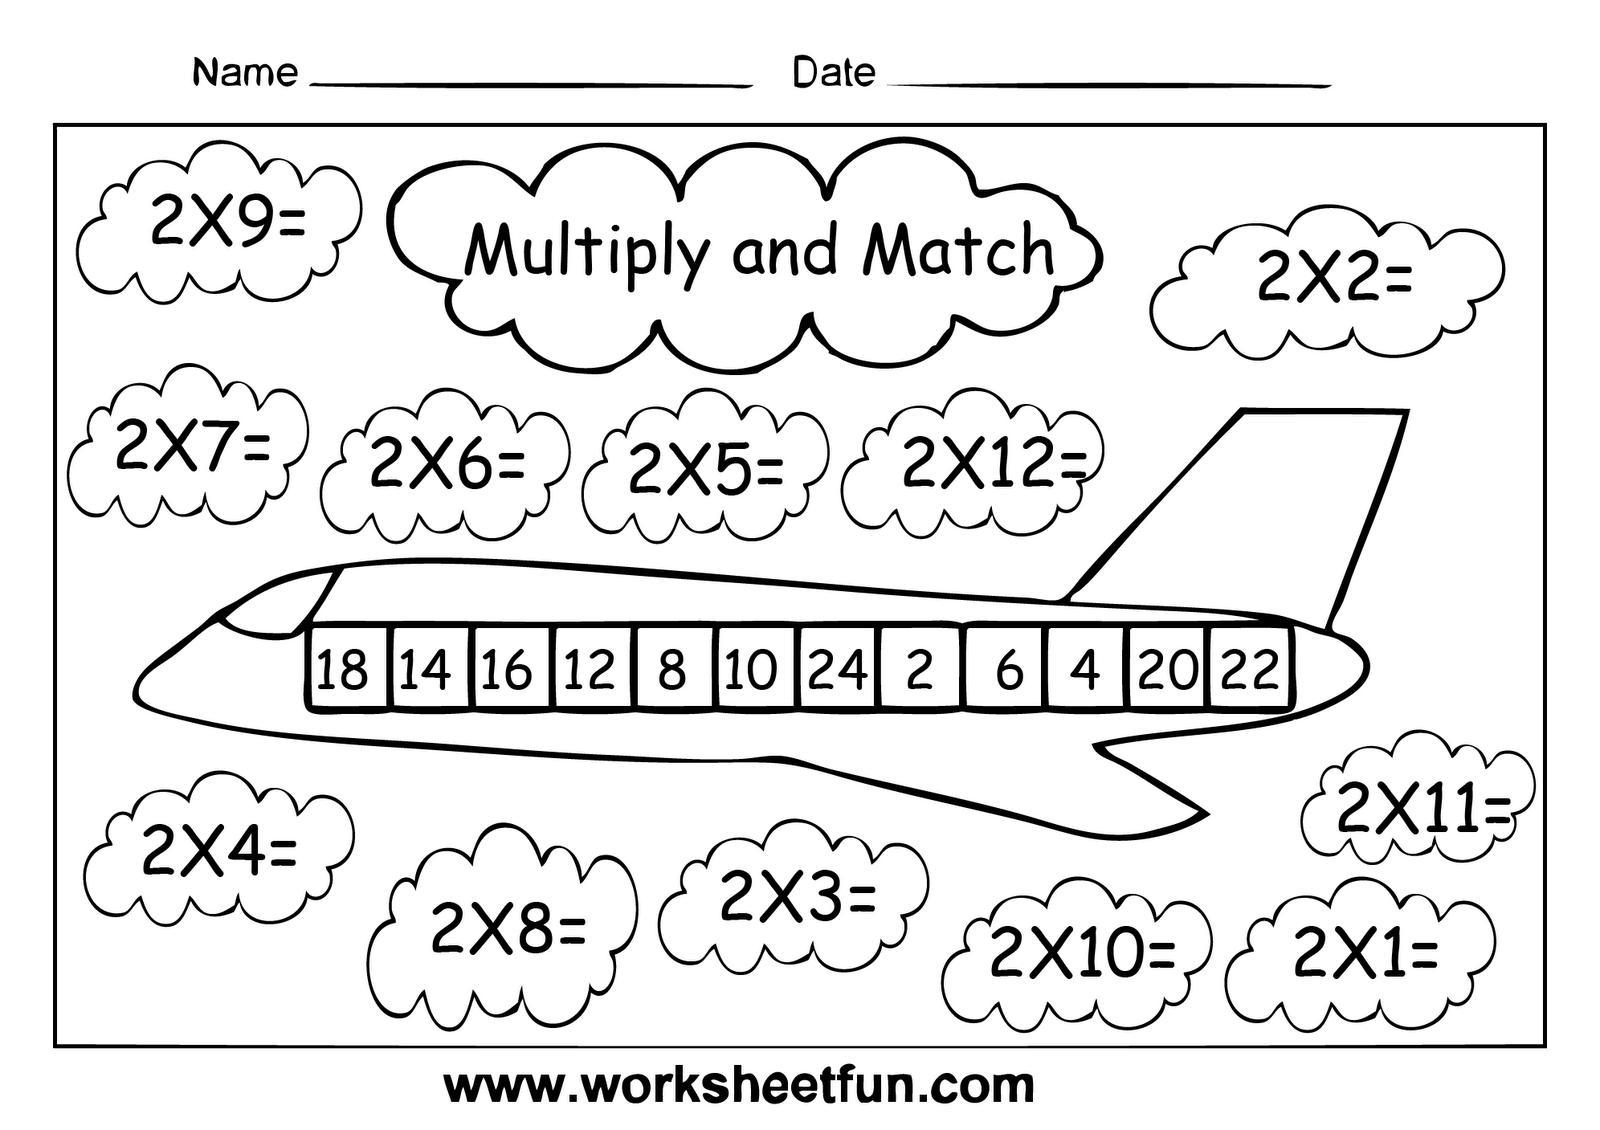 Multiplication Worksheets For Grade 5 – Kindergarten Worksheets [ 1130 x 1600 Pixel ]